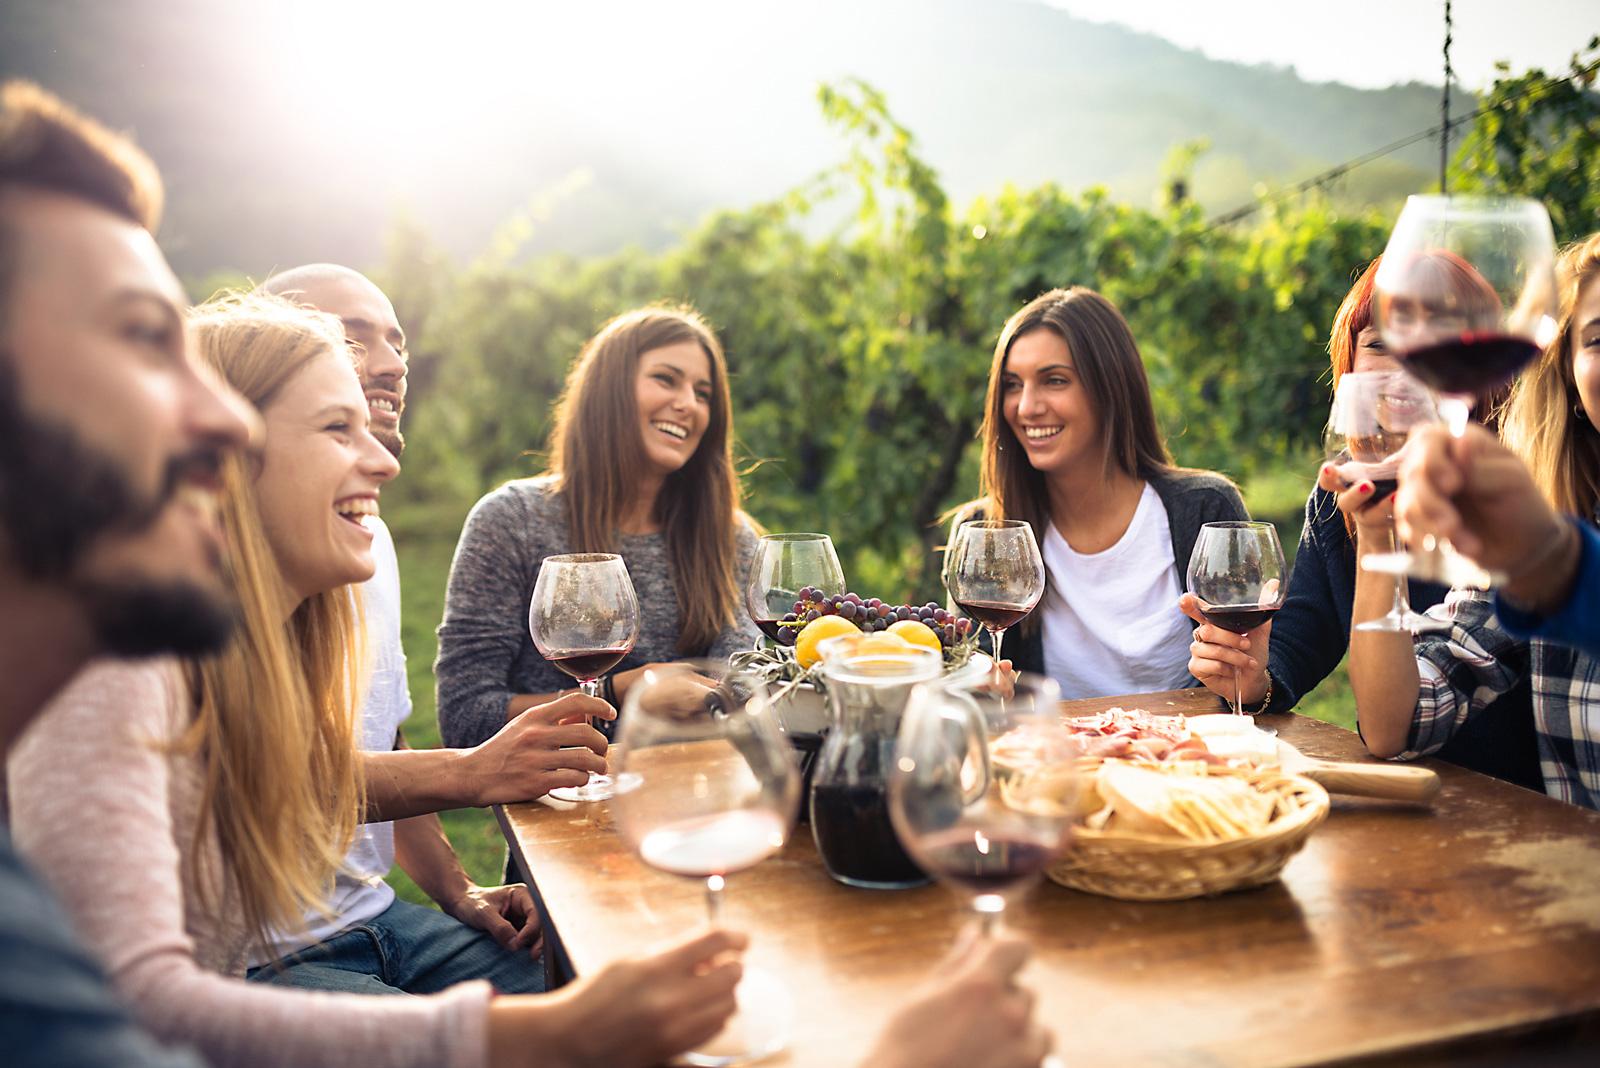 Zusammen Essen gehört zum gemeinsamen Urlaubsspaß